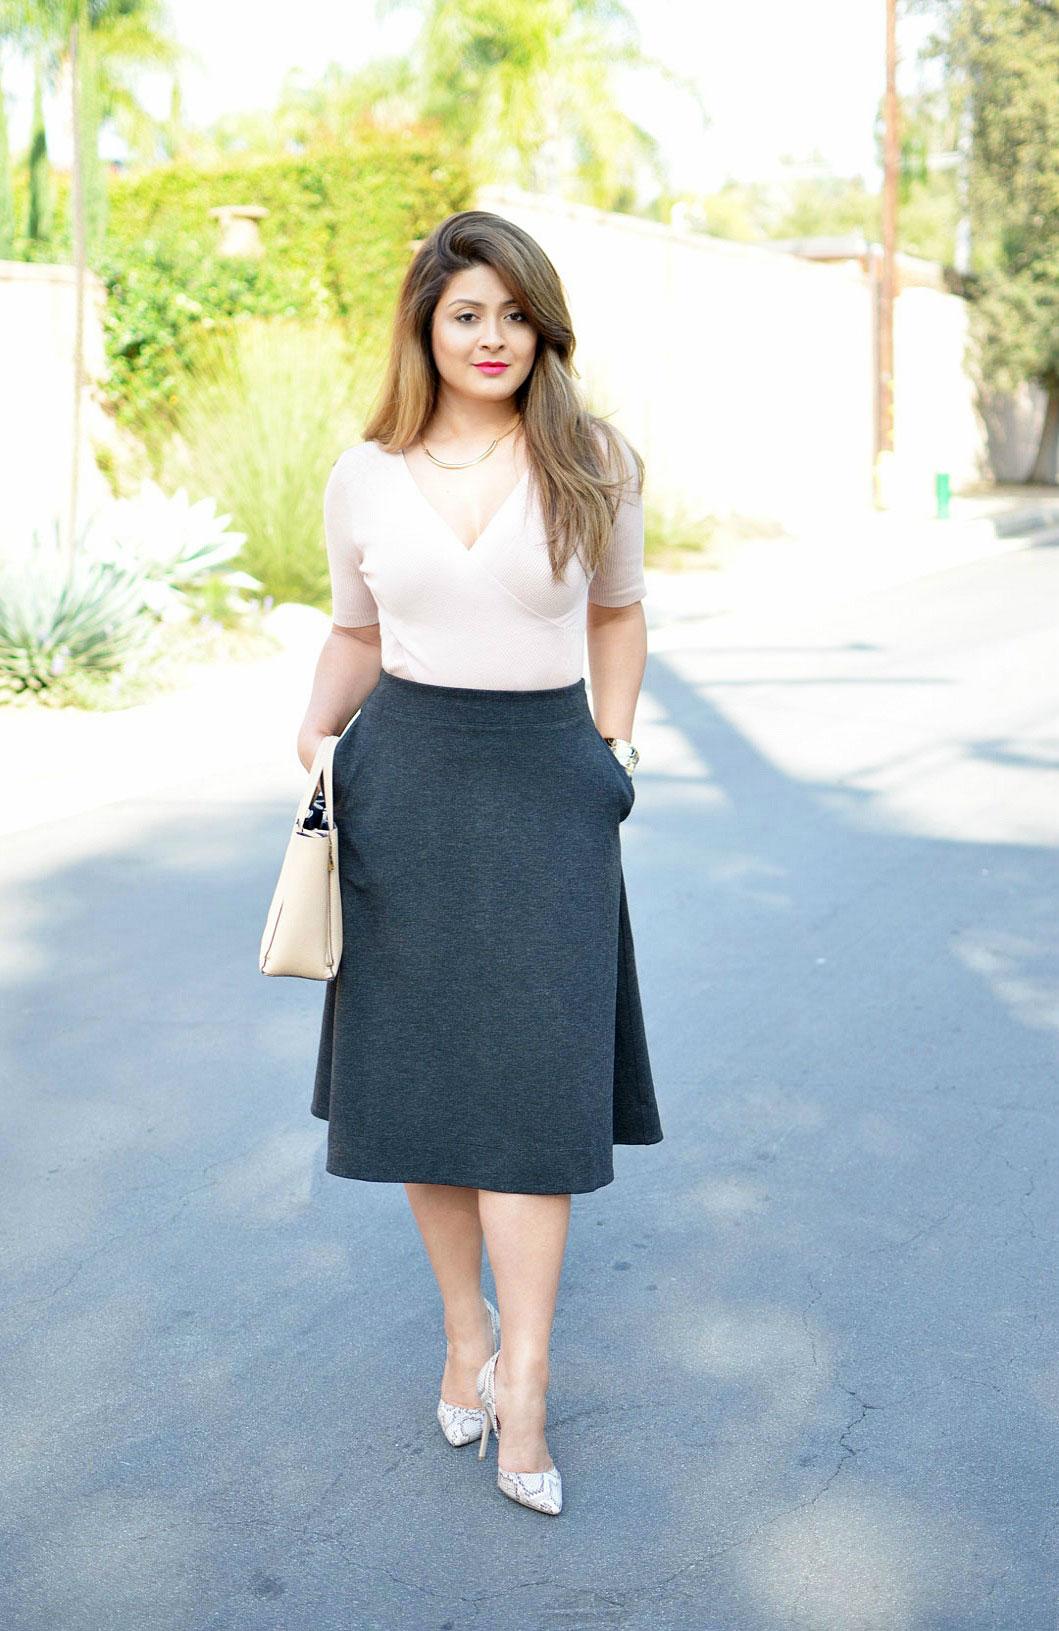 WSS Celia heels